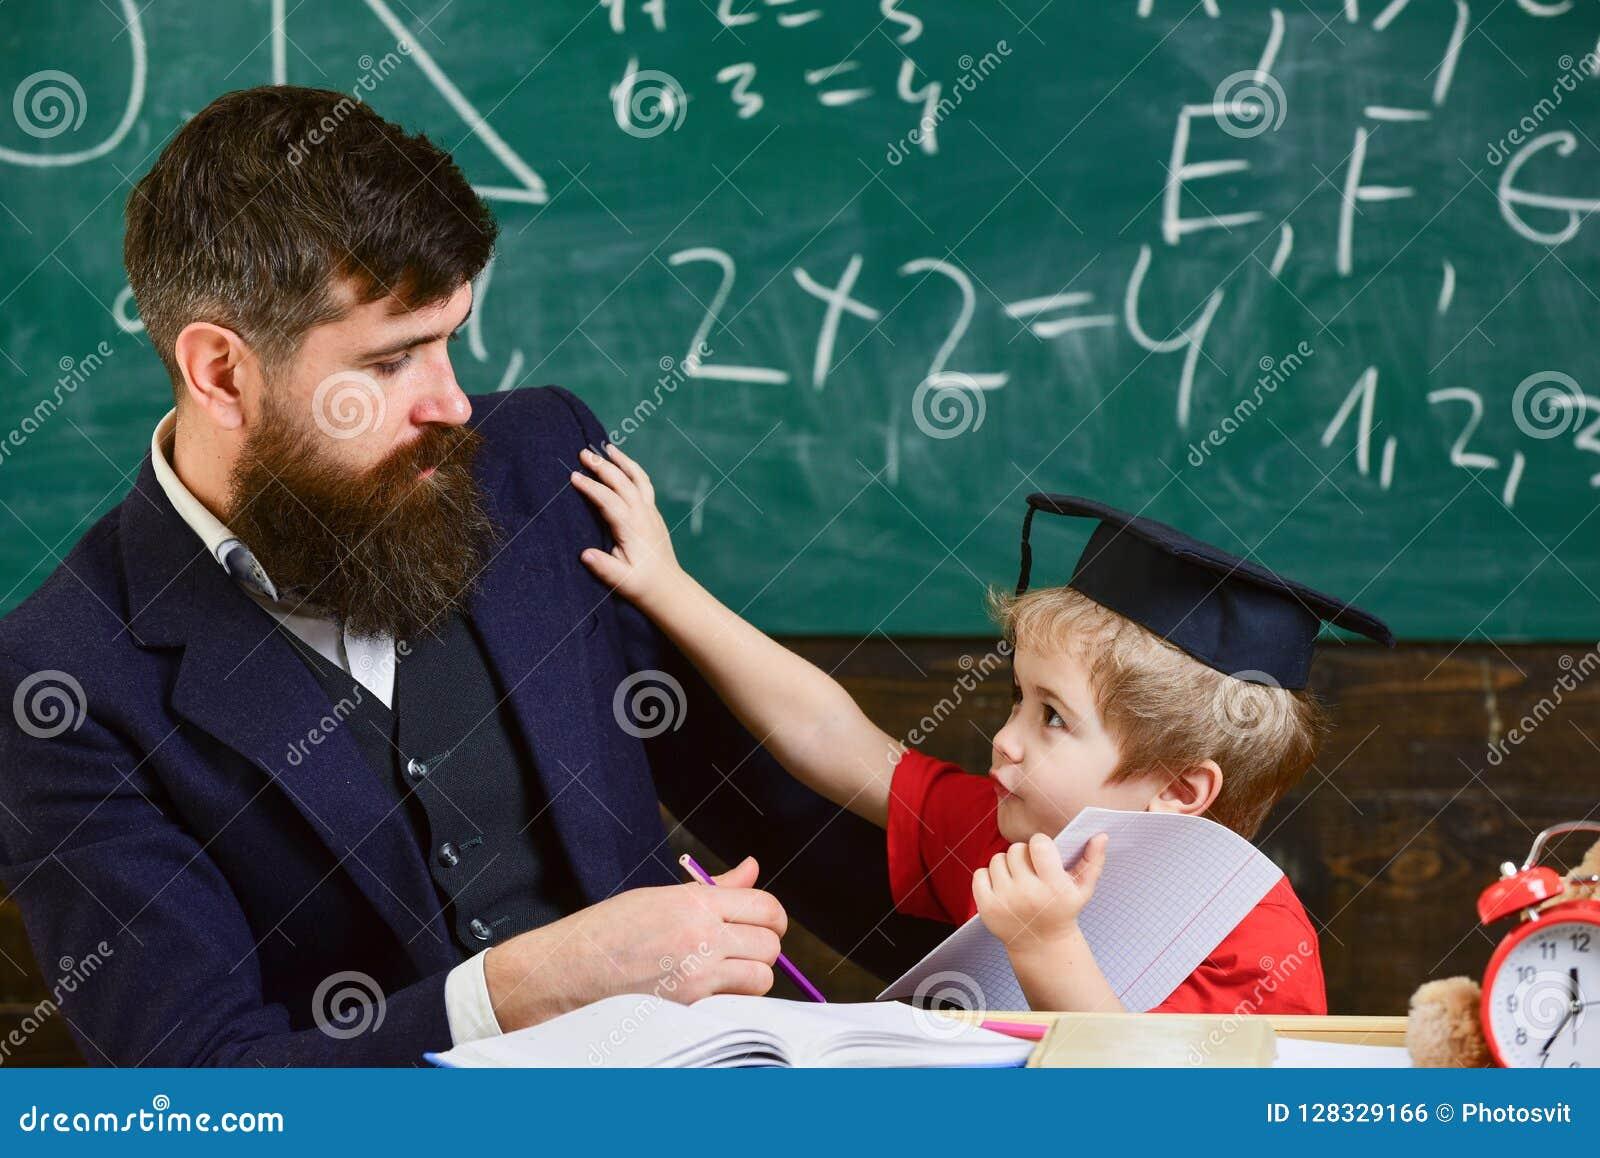 Bringen Sie mit Bart, Lehrer unterrichtet gebohrten Sohn, kleinen Jungen hervor Bohren, Konzept studierend Kind oben eingezogen m